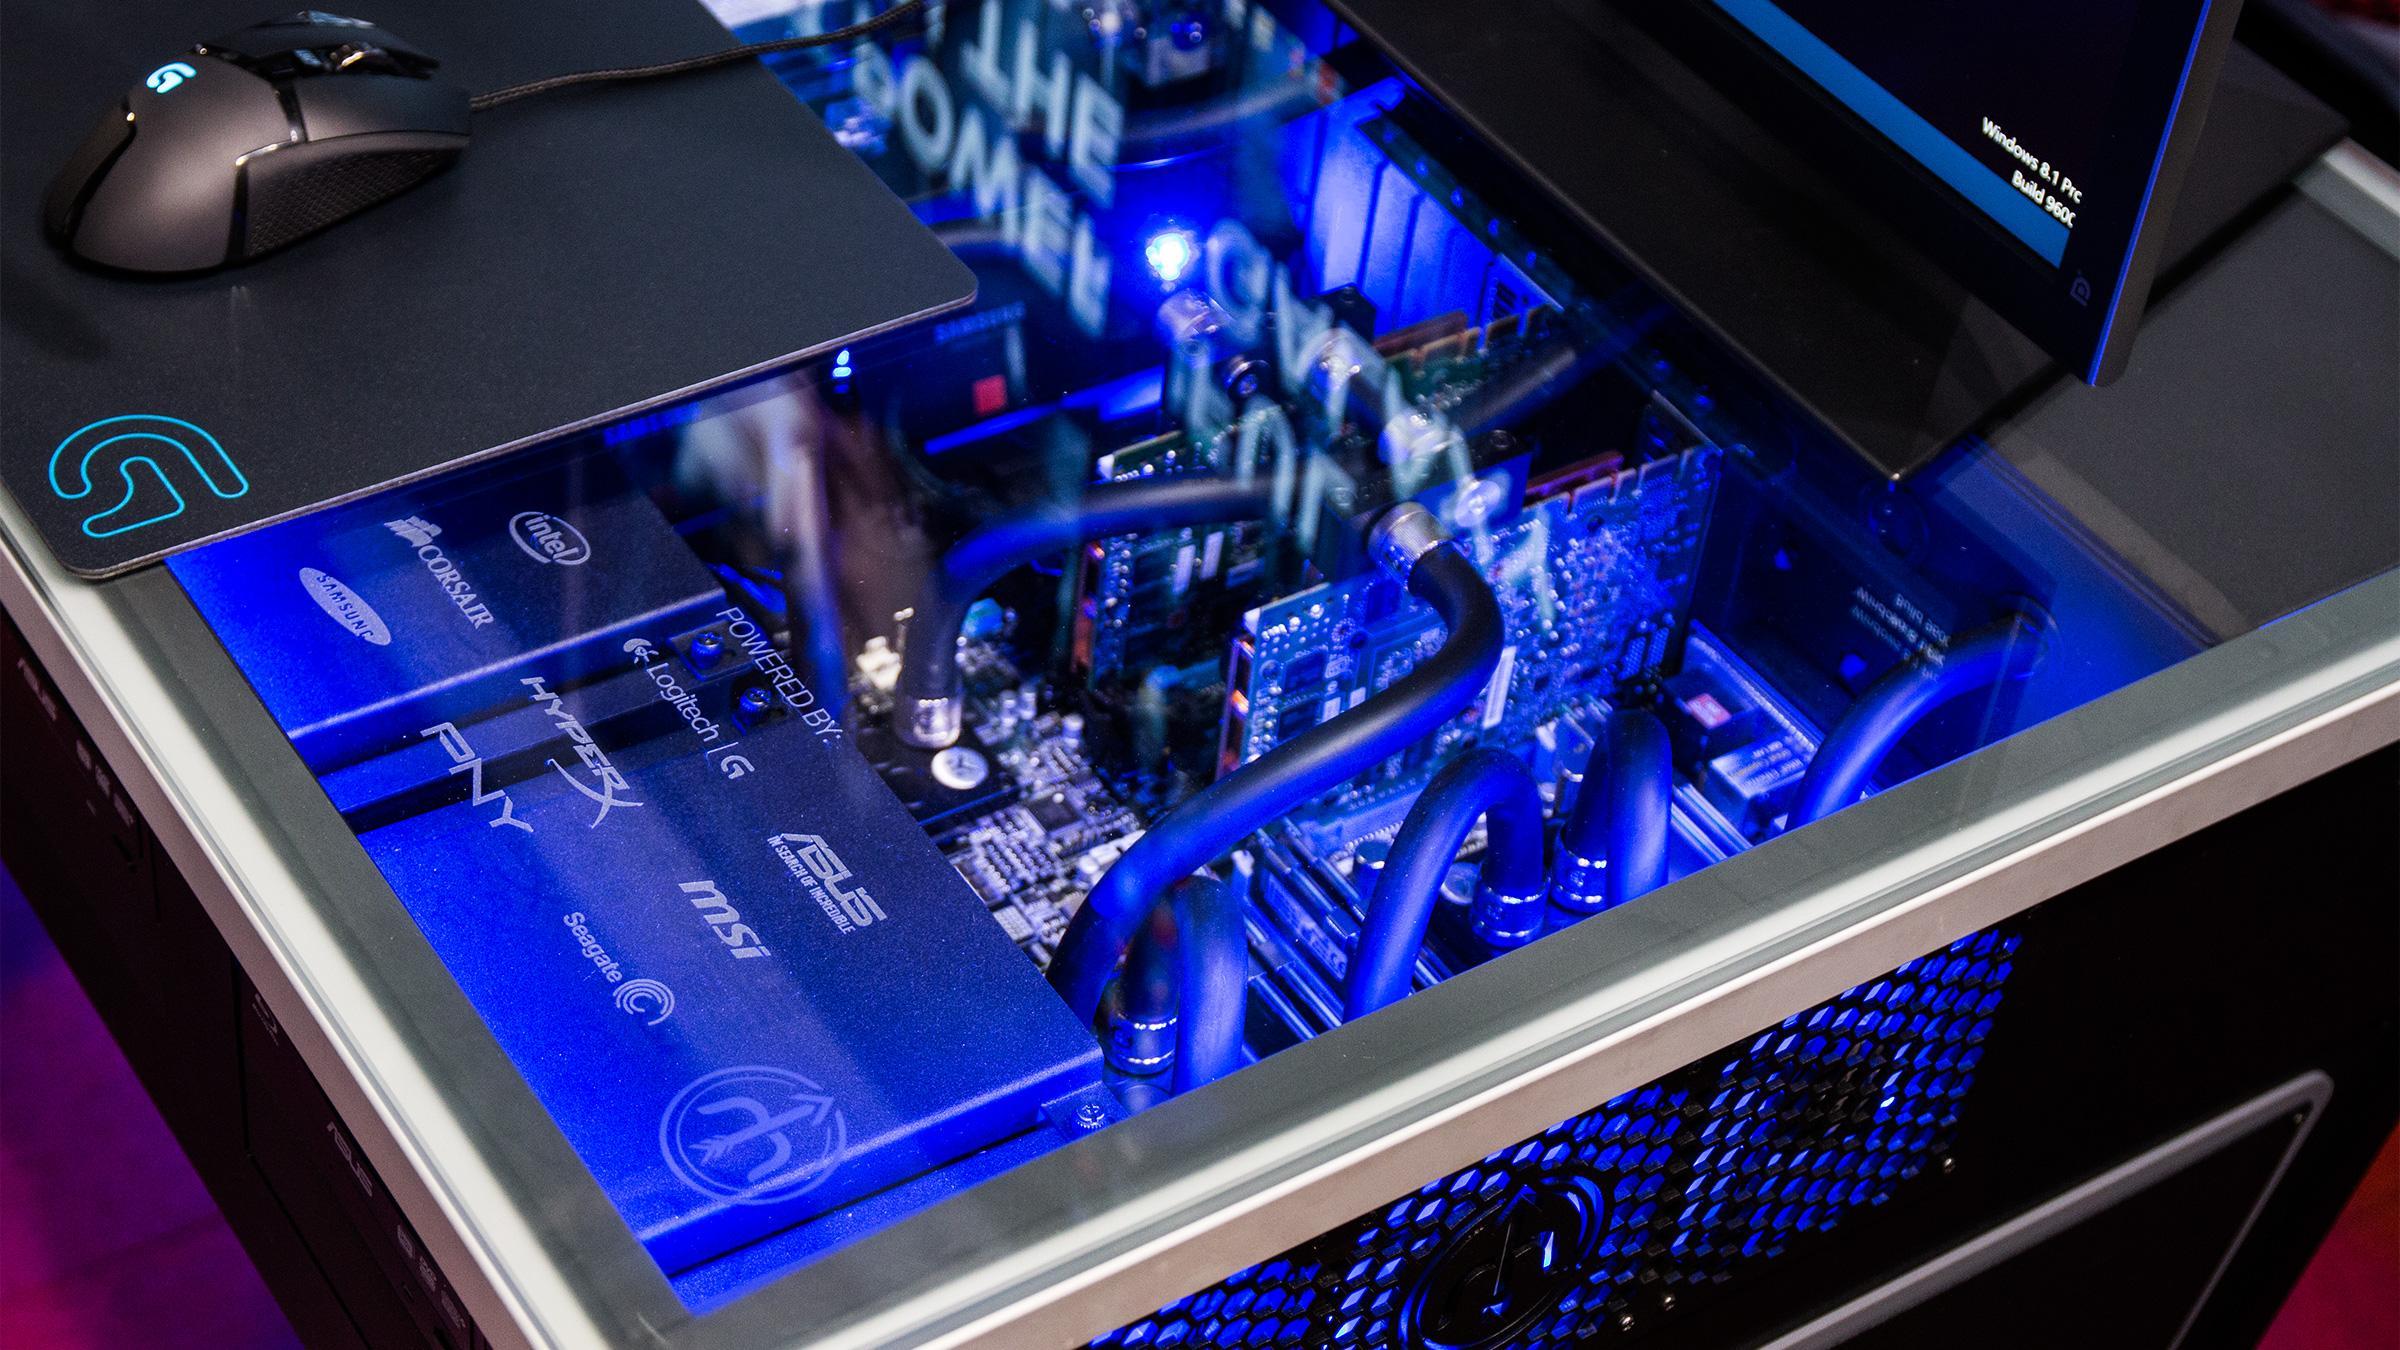 24 prosessorkjerner, to grafikkort i Nvidias Quadro-serie, og en kvart terabyte RAM bør gjøre susen på hjemmekontoret.Foto: Ole Henrik Johansen, Hardware.no